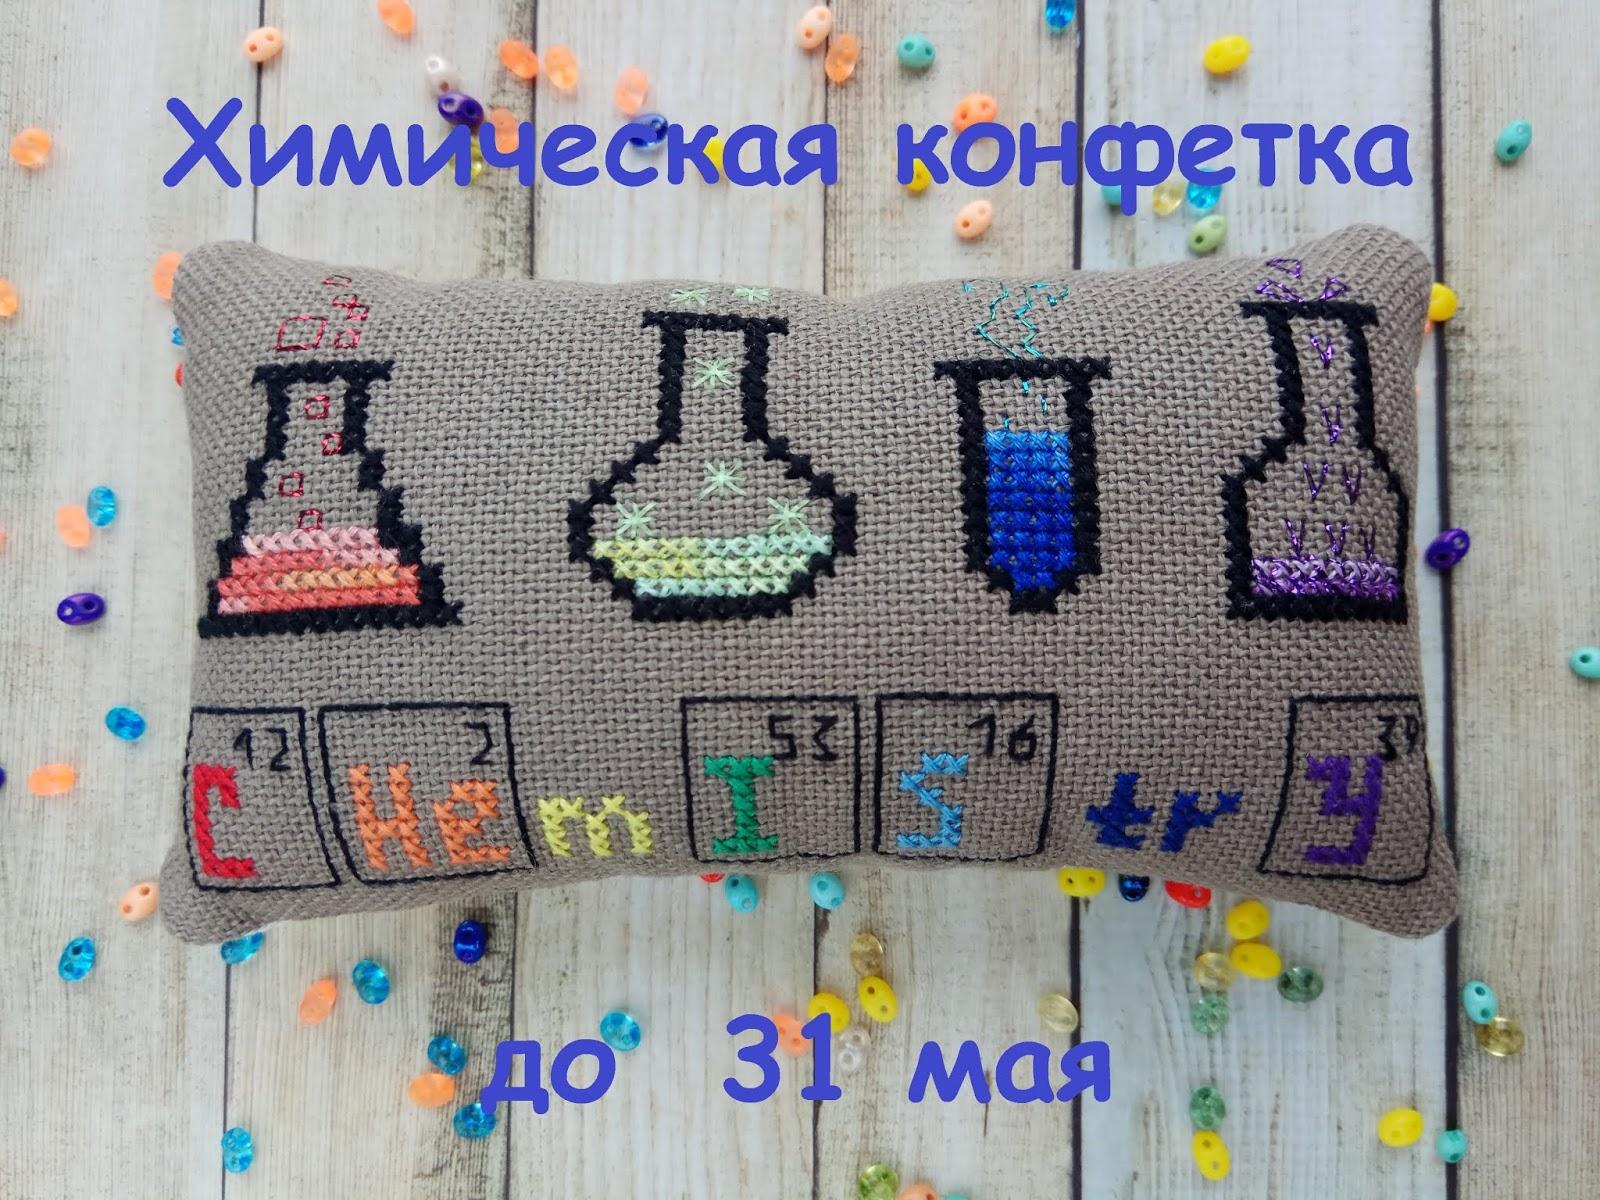 Химическая конфетка от Татьяны